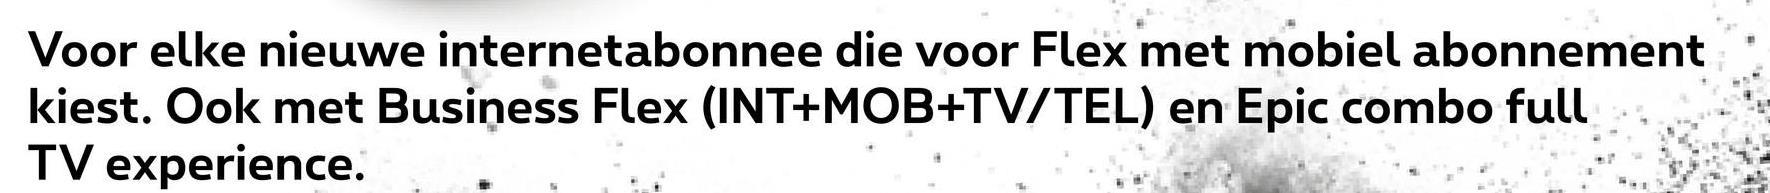 Voor elke nieuwe internetabonnee die voor Flex met mobiel abonnement kiest. Ook met Business Flex (INT+MOB+TV/TEL) en Epic combo full TV experience.